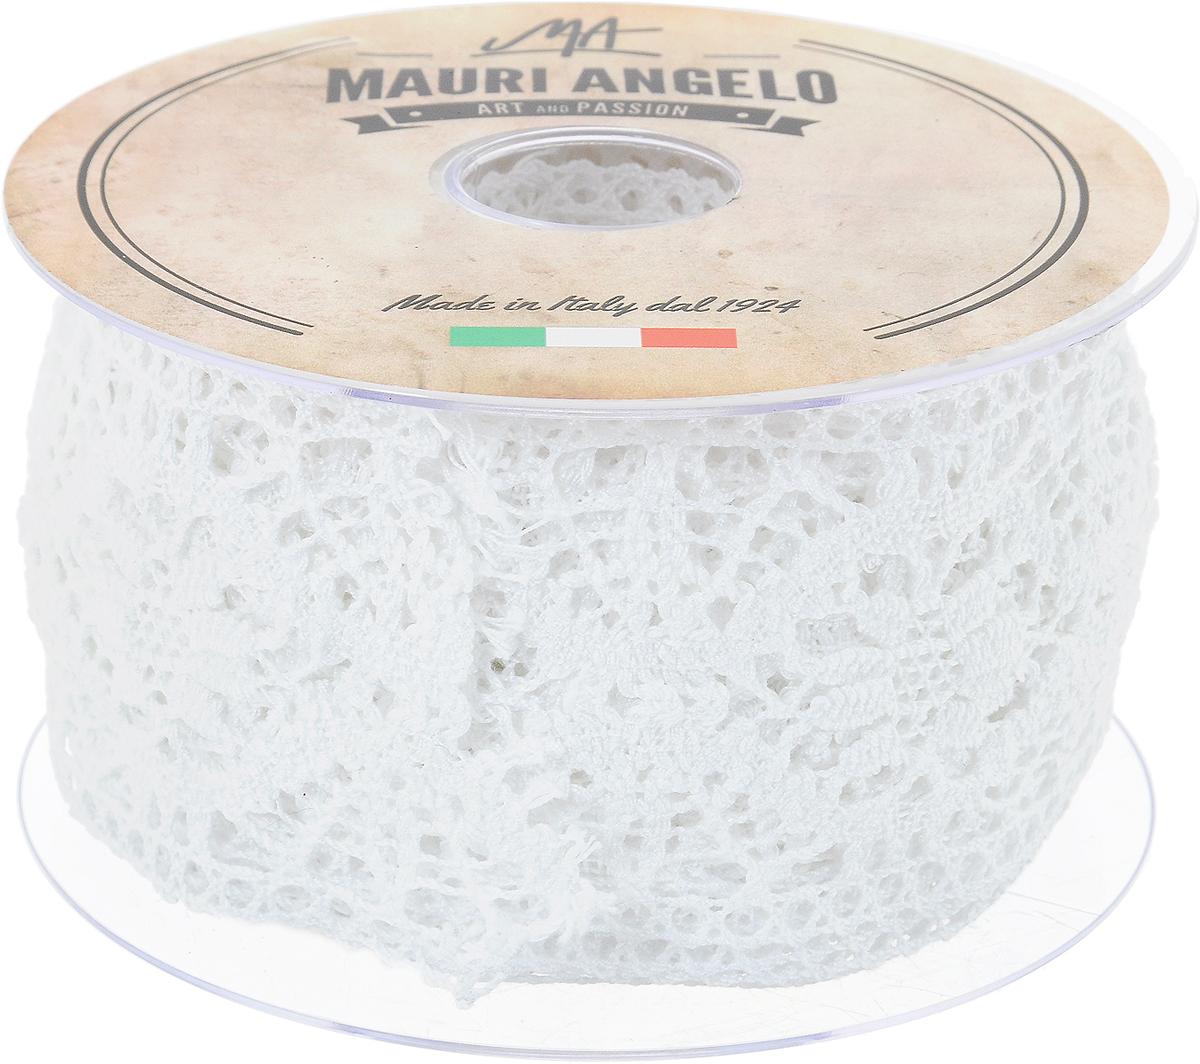 Лента кружевная Mauri Angelo, цвет: белый, 6,1 см х 10 мMR5321_белыйДекоративная кружевная лента Mauri Angelo - текстильное изделие без тканой основы, в котором ажурный орнамент и изображения образуются в результате переплетения нитей. Кружево применяется для отделки одежды, белья в виде окаймления или вставок, а также в оформлении интерьера, декоративных панно, скатертей, тюлей, покрывал. Главные особенности кружева - воздушность, тонкость, эластичность, узорность. Декоративная кружевная лента Mauri Angelo станет незаменимым элементом в создании рукотворного шедевра. Ширина: 6,1 см. Длина: 10 м.